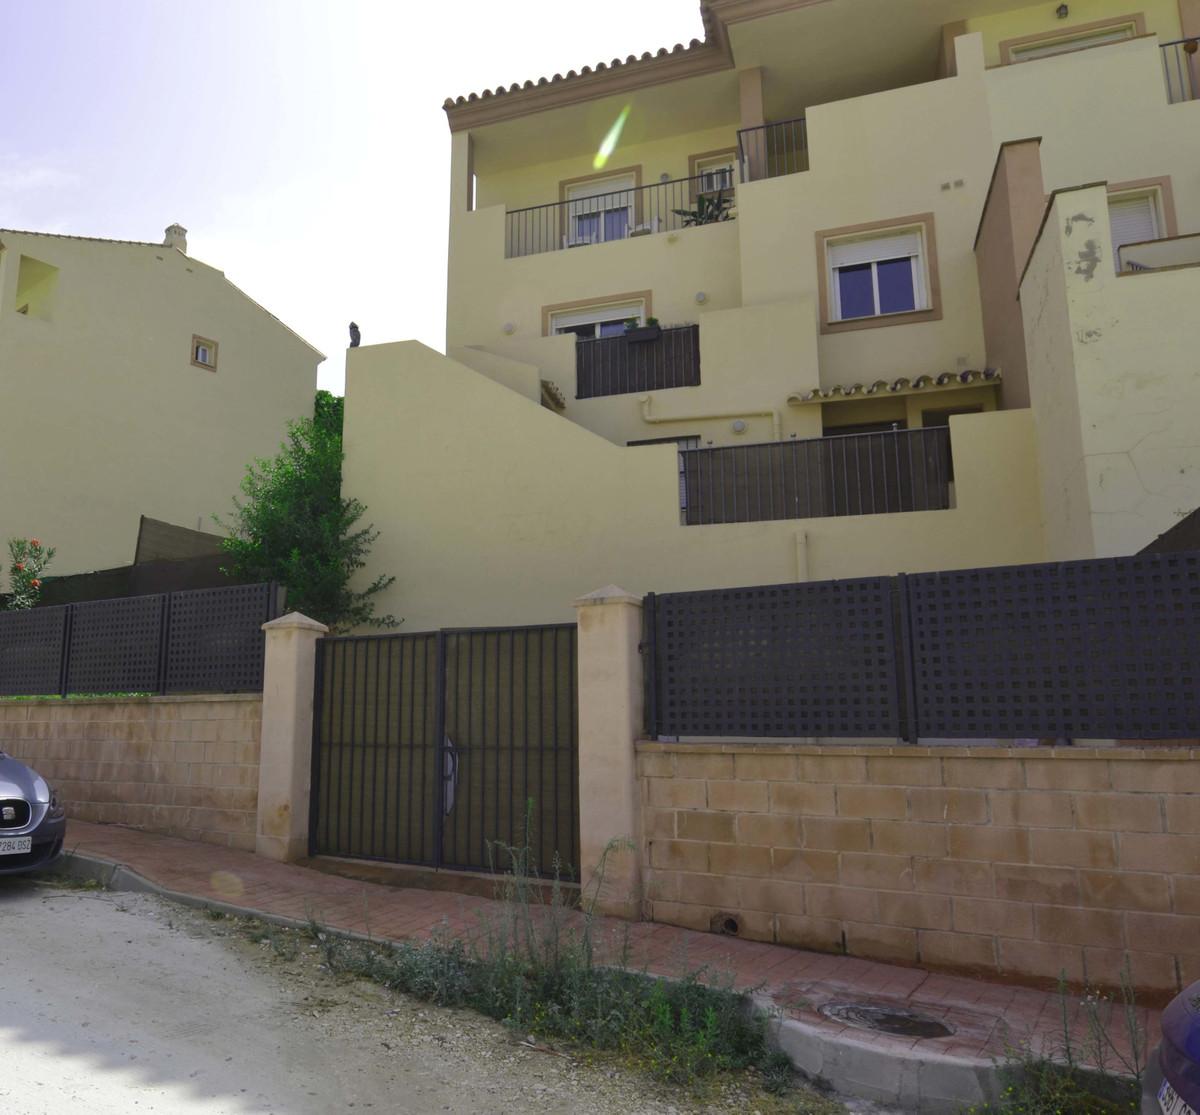 Villa 5 Dormitorios en Venta Coín